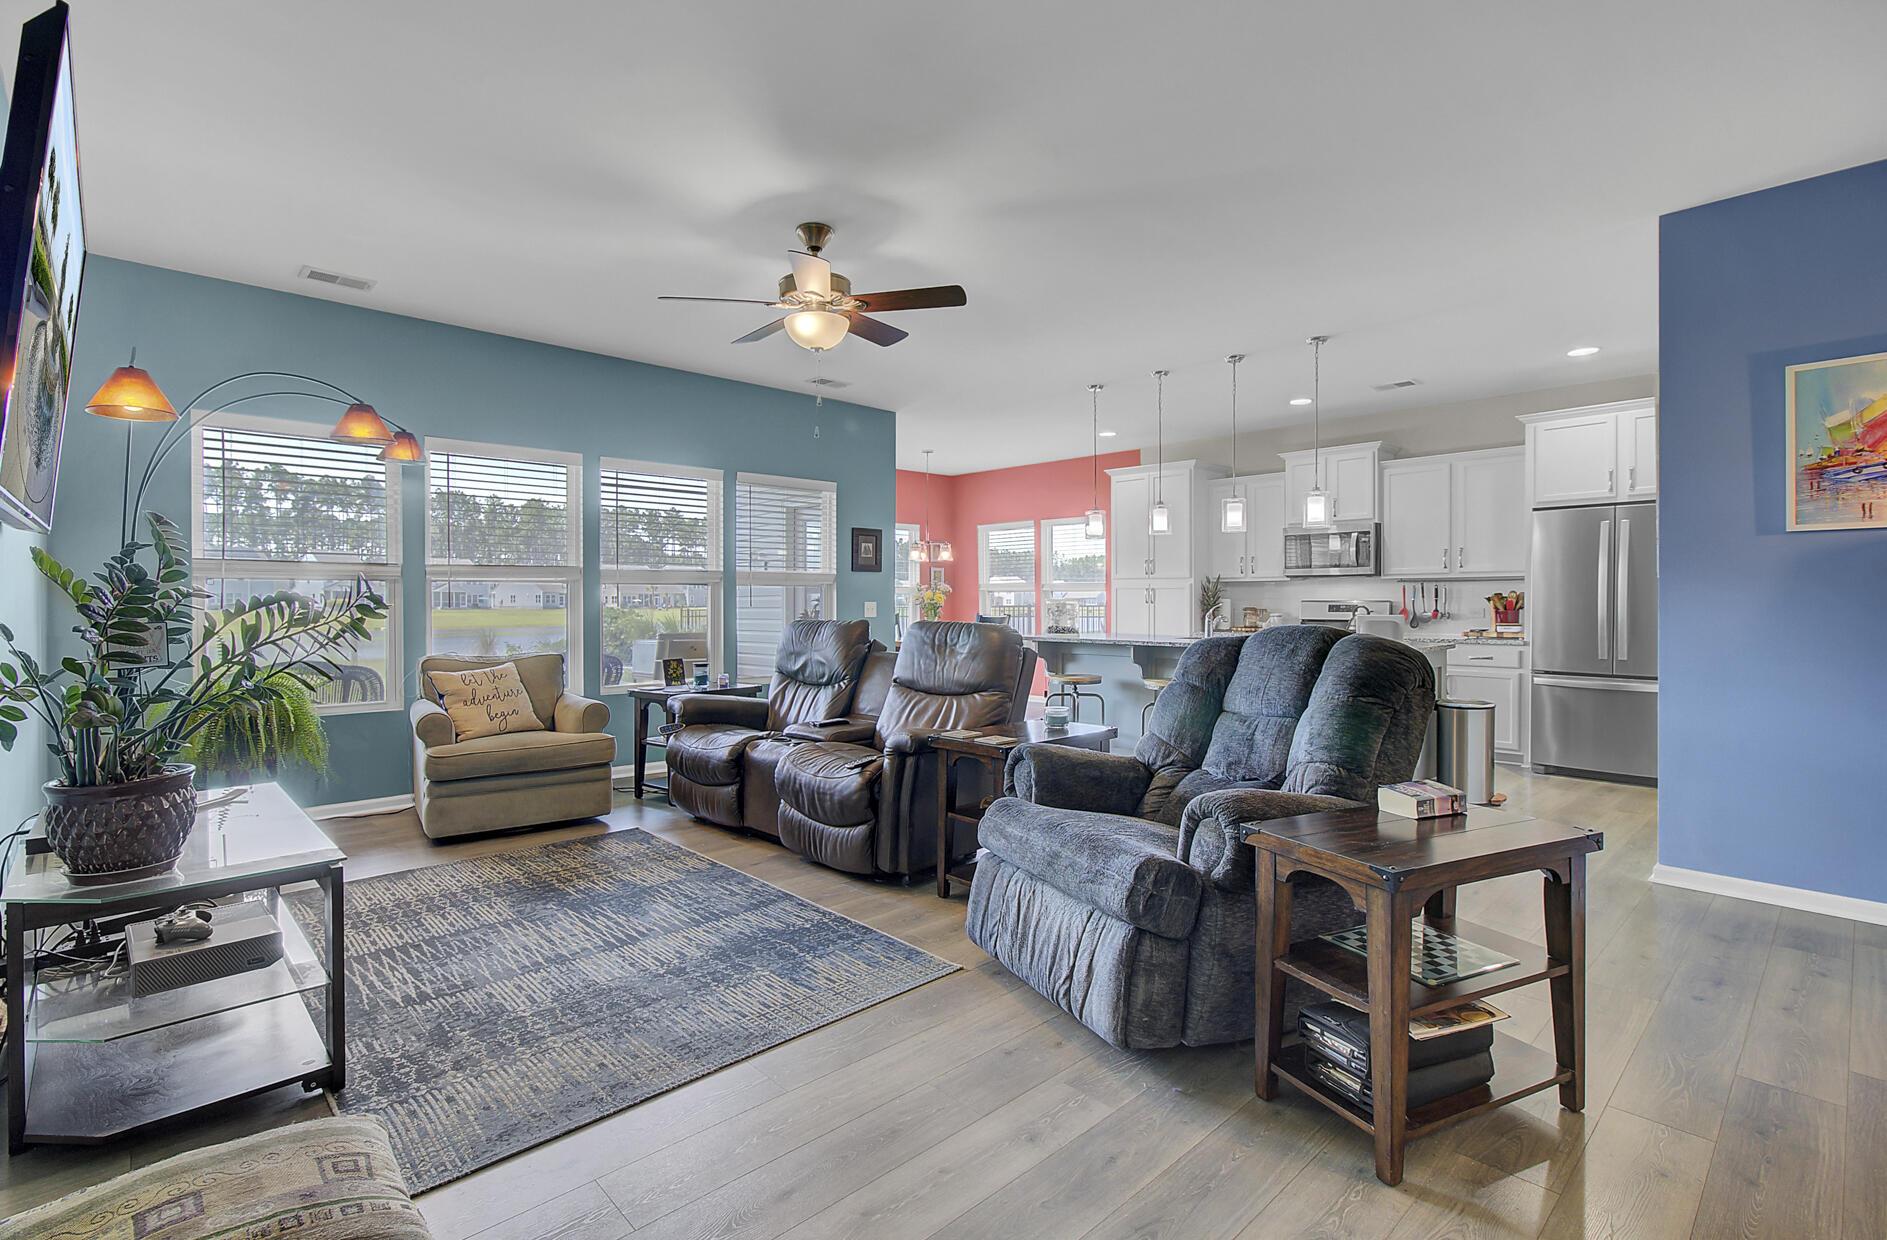 North Creek Village Homes For Sale - 384 Dunlin, Summerville, SC - 48